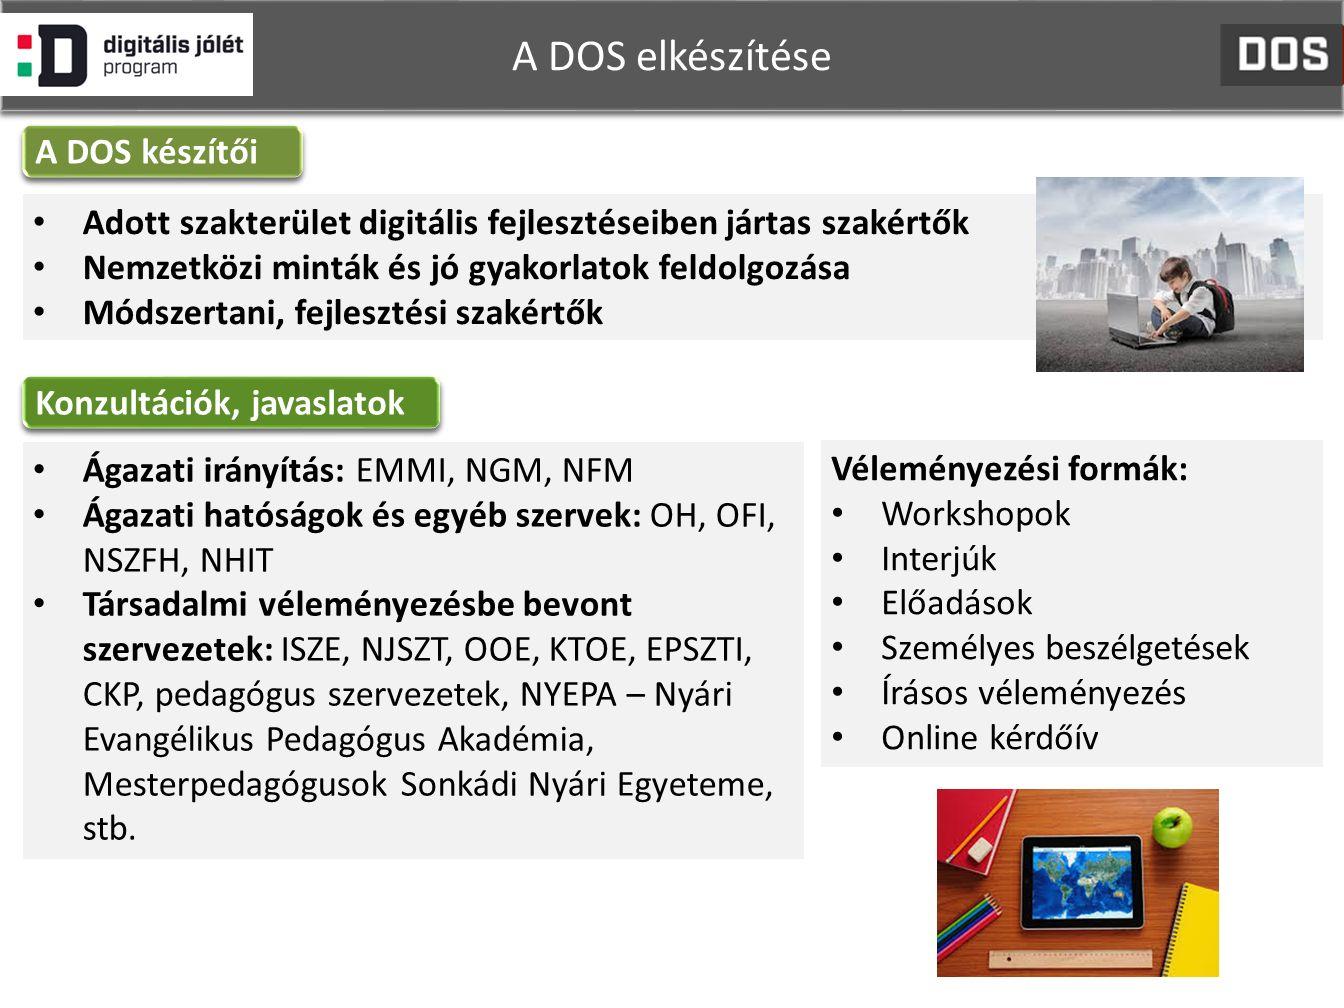 A DOS elkészítése Adott szakterület digitális fejlesztéseiben jártas szakértők Nemzetközi minták és jó gyakorlatok feldolgozása Módszertani, fejlesztési szakértők A DOS készítői Konzultációk, javaslatok Ágazati irányítás: EMMI, NGM, NFM Ágazati hatóságok és egyéb szervek: OH, OFI, NSZFH, NHIT Társadalmi véleményezésbe bevont szervezetek: ISZE, NJSZT, OOE, KTOE, EPSZTI, CKP, pedagógus szervezetek, NYEPA – Nyári Evangélikus Pedagógus Akadémia, Mesterpedagógusok Sonkádi Nyári Egyeteme, stb.